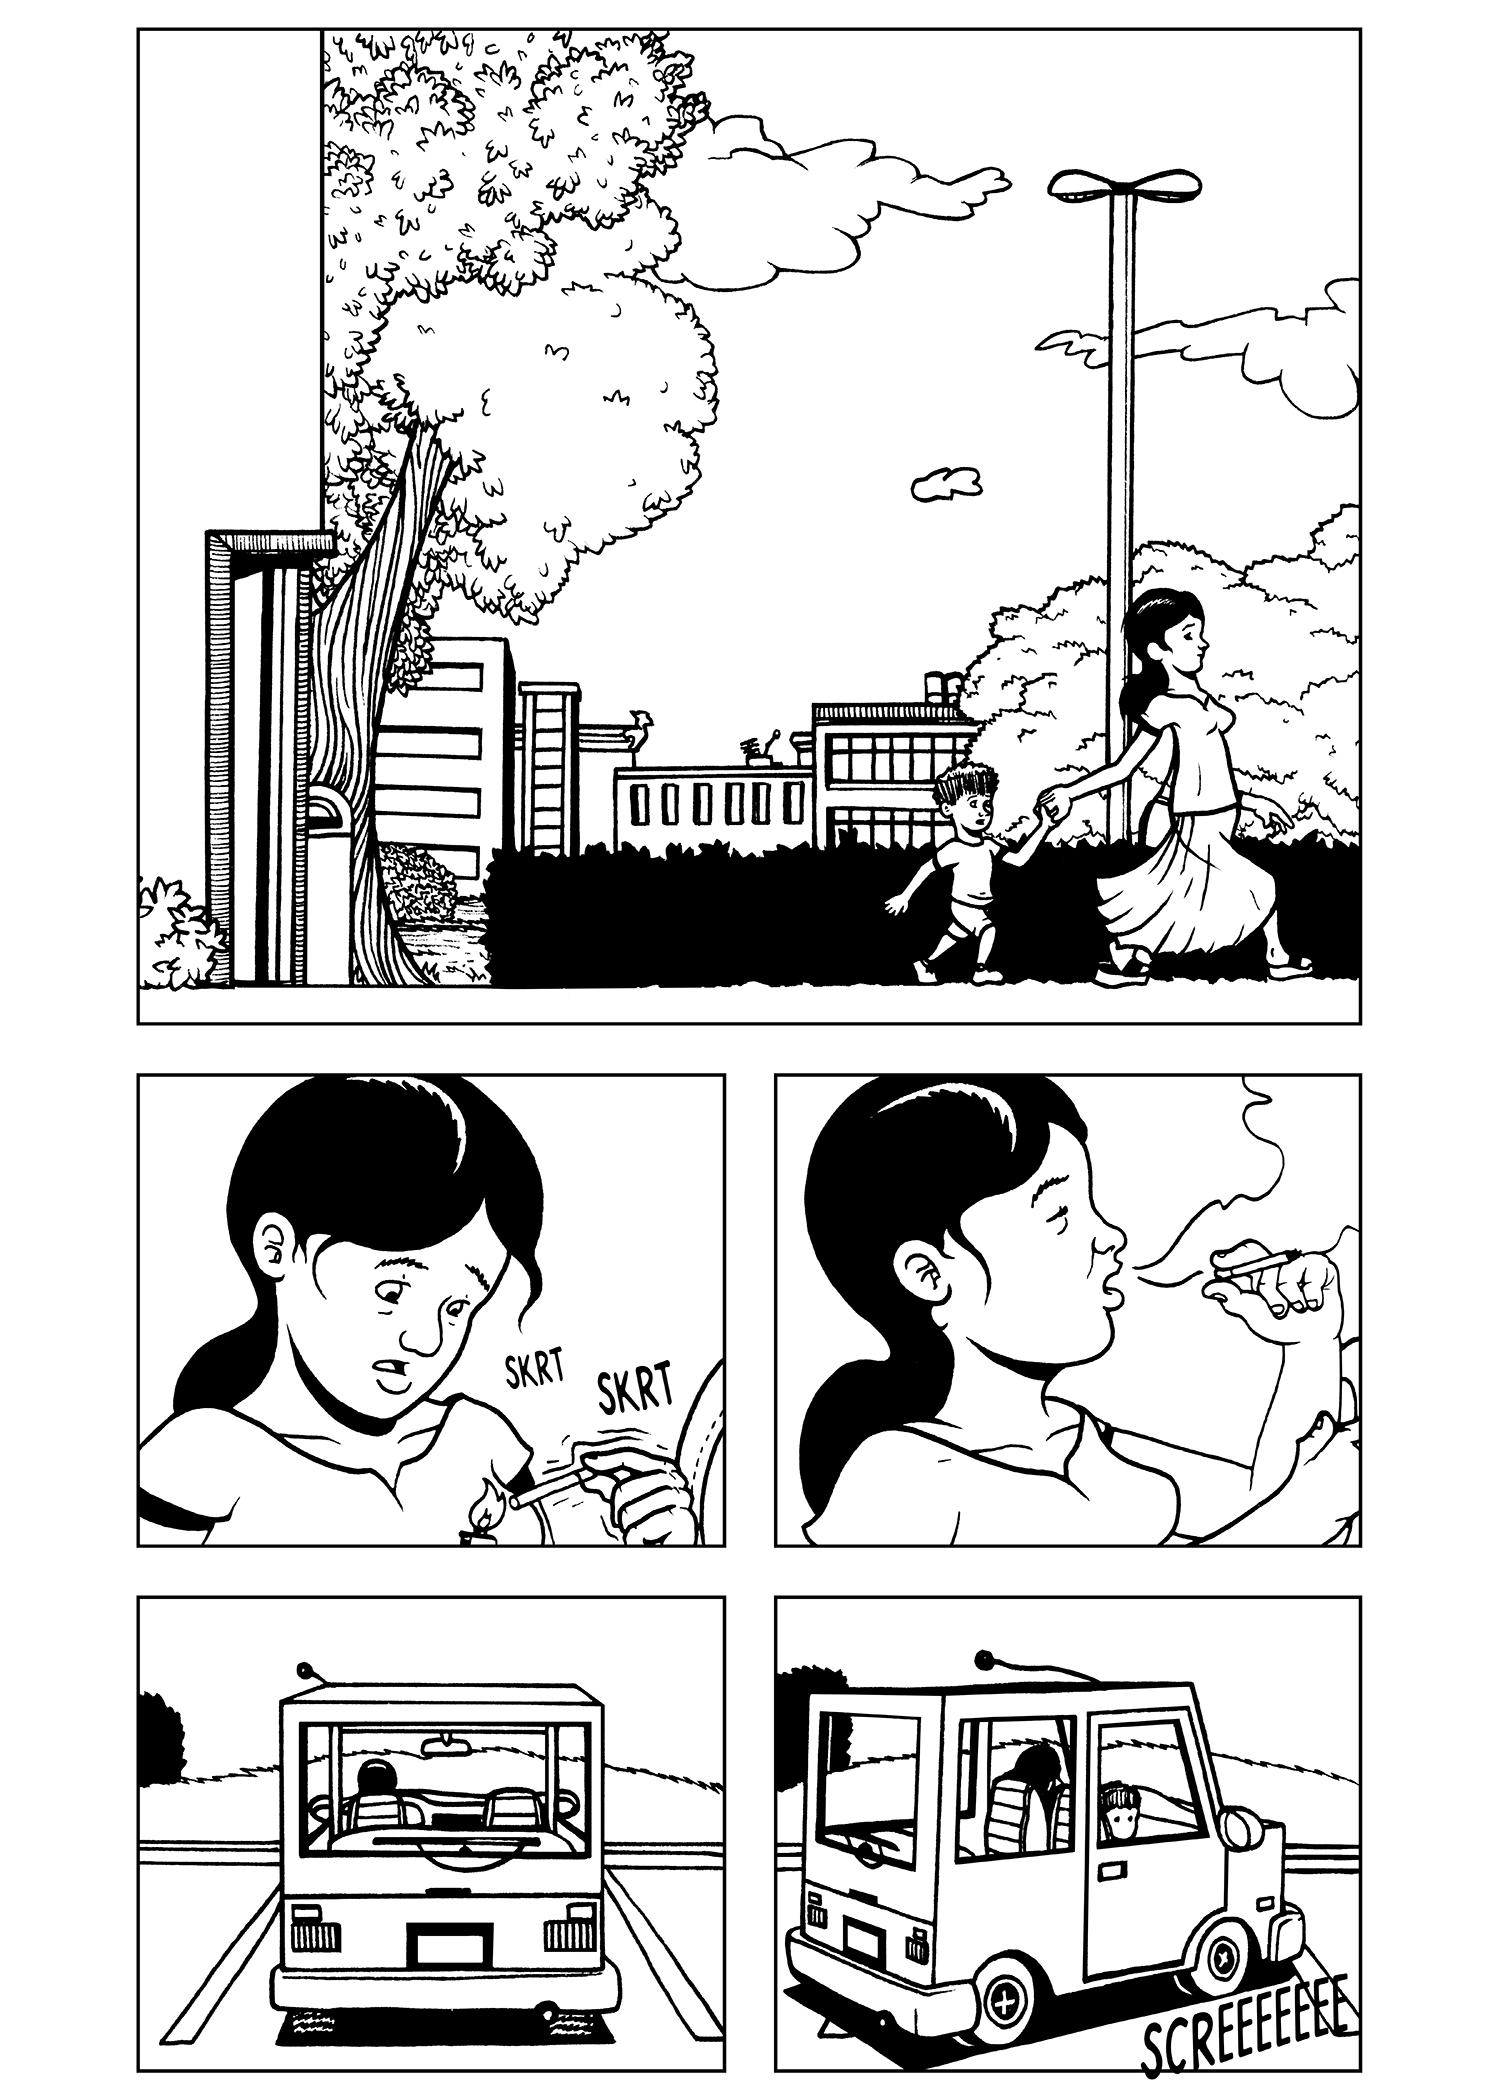 QWERTY_comic_04